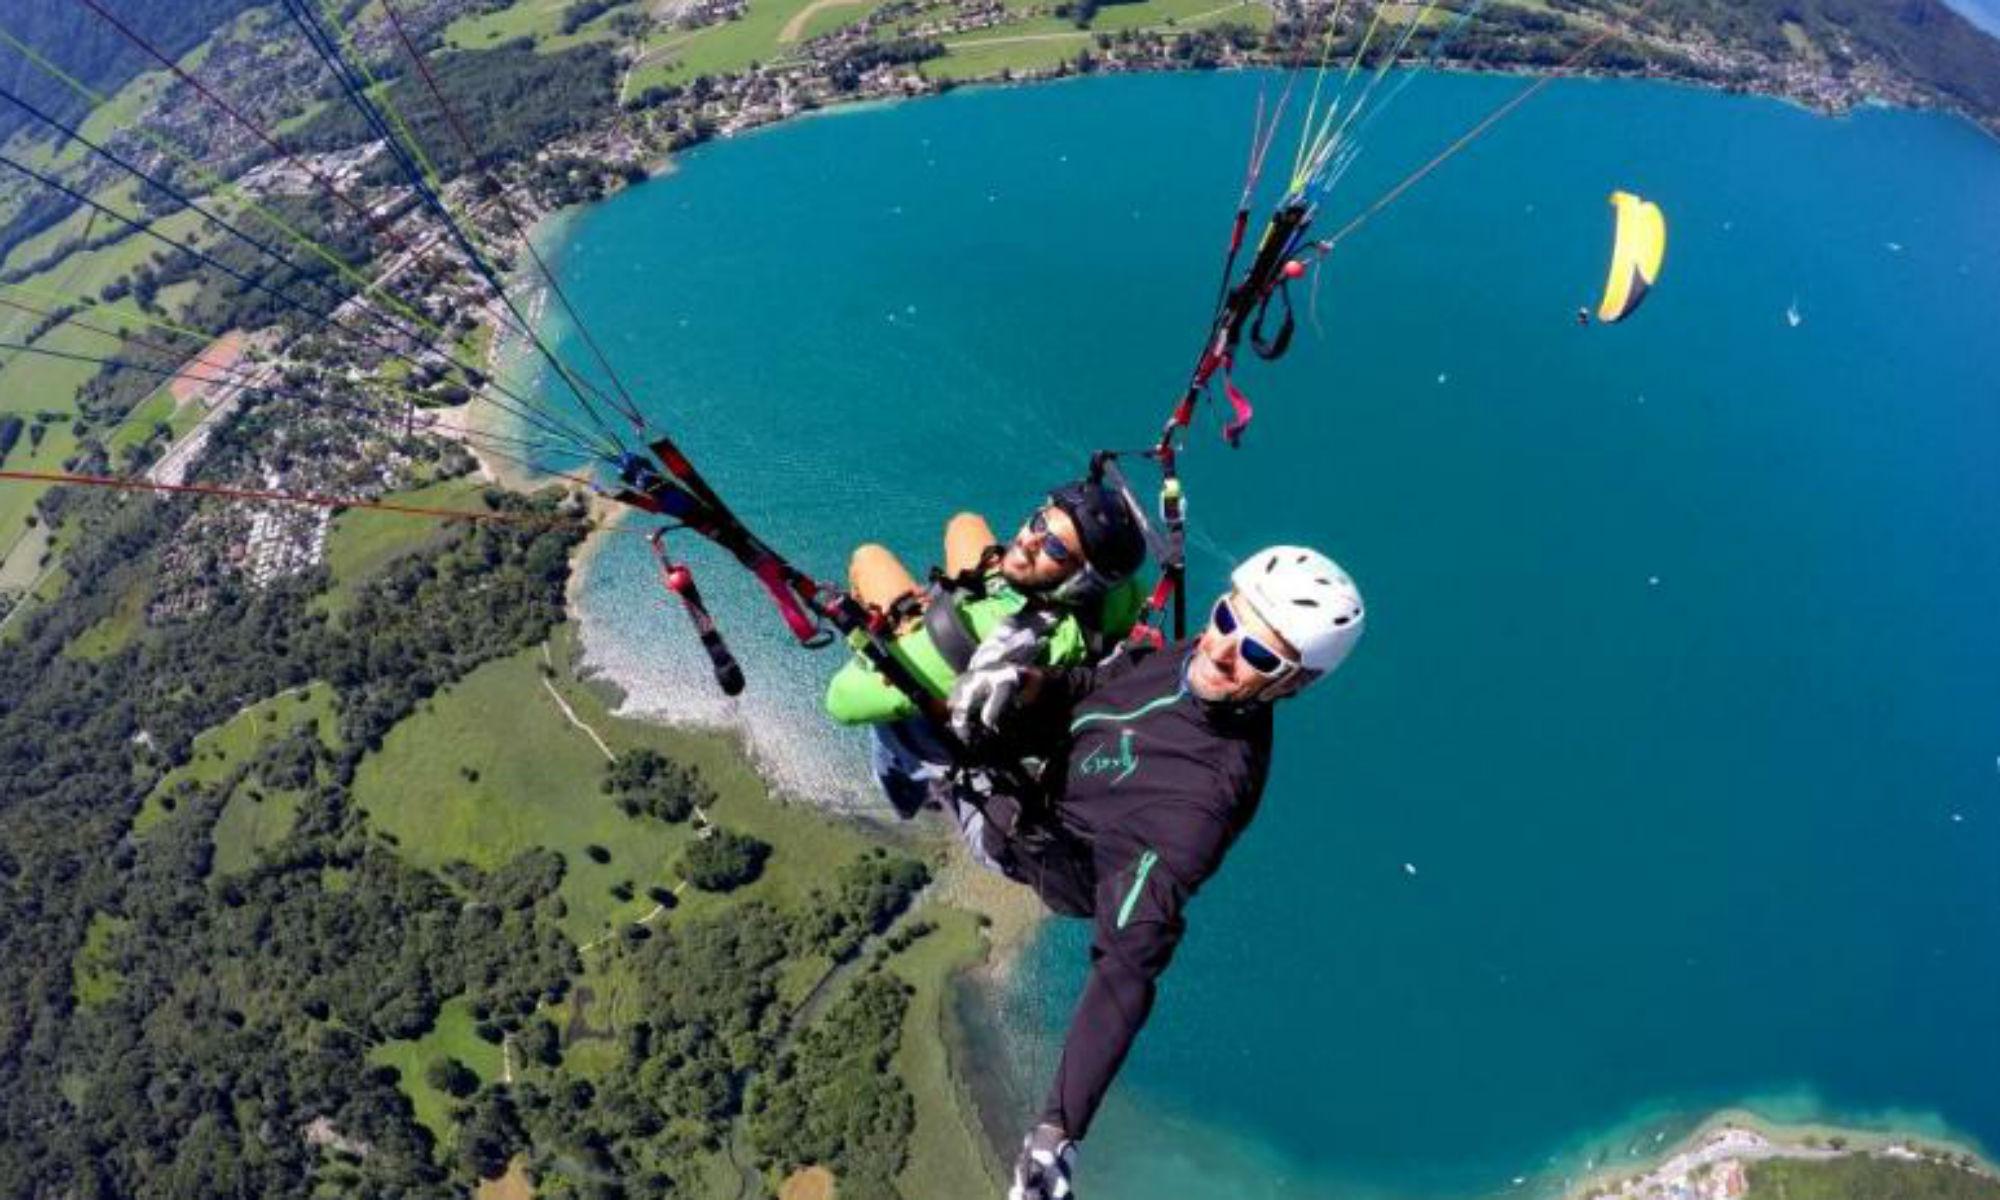 Un jeune homme tout sourire survole le lac d'Annecy en parapente avec un pilote de l'école de parapente Takamaka.